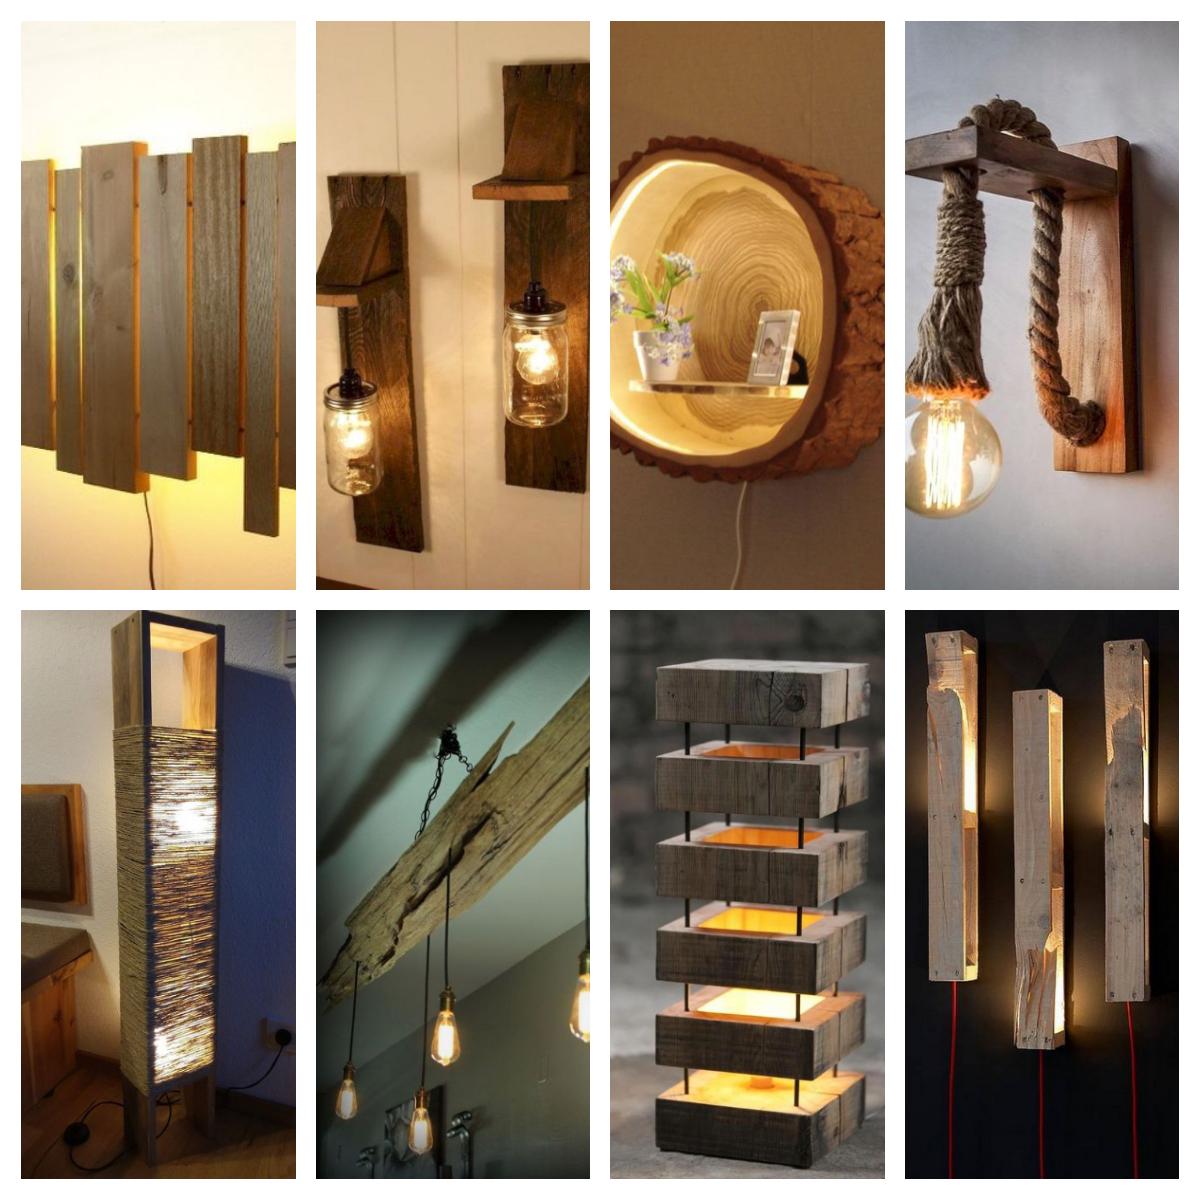 lampen aus holzselber bauen 15 interessante diyideen